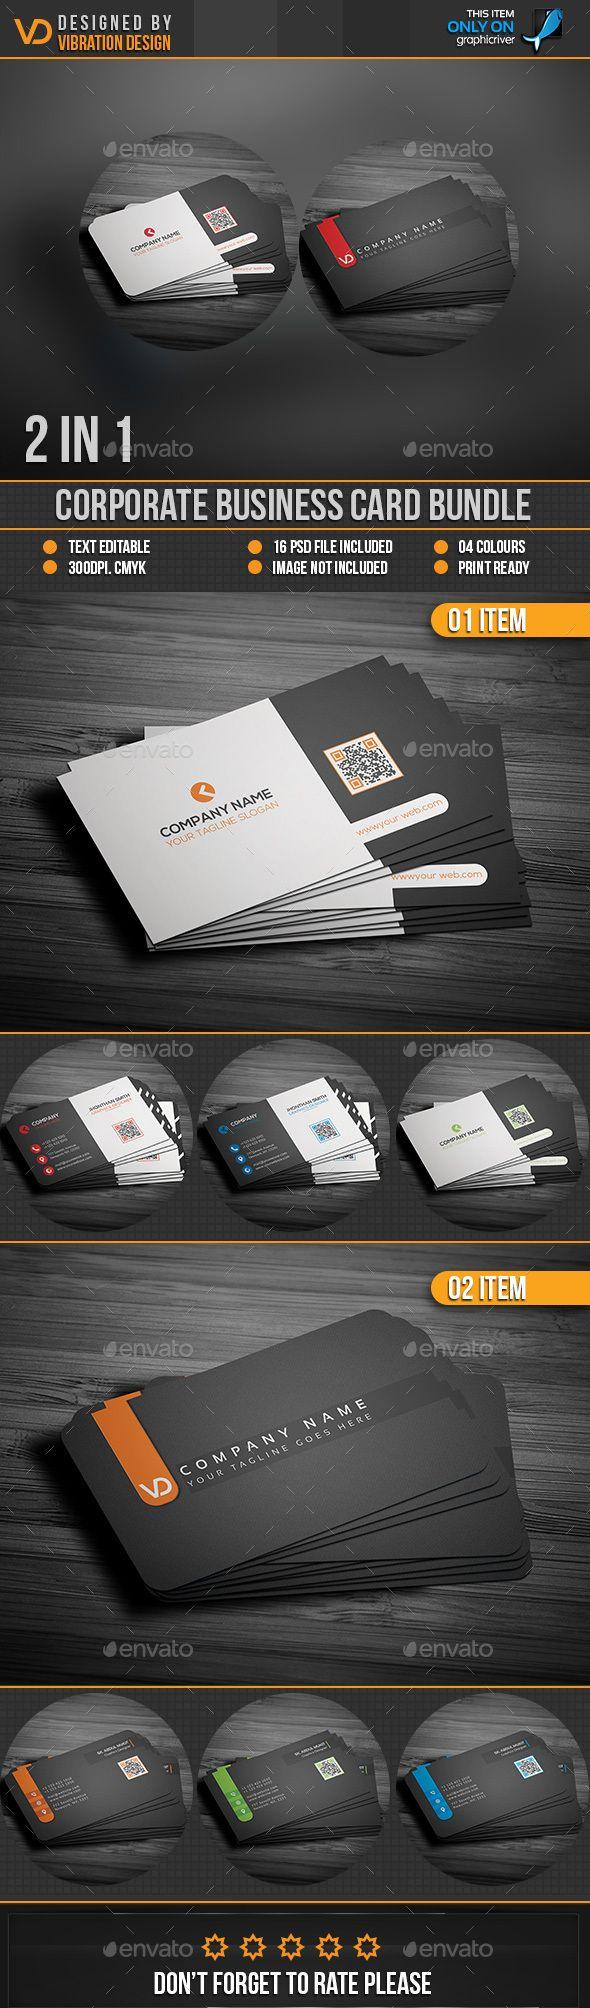 363 Best Design Business Card Formal Images On Pinterest